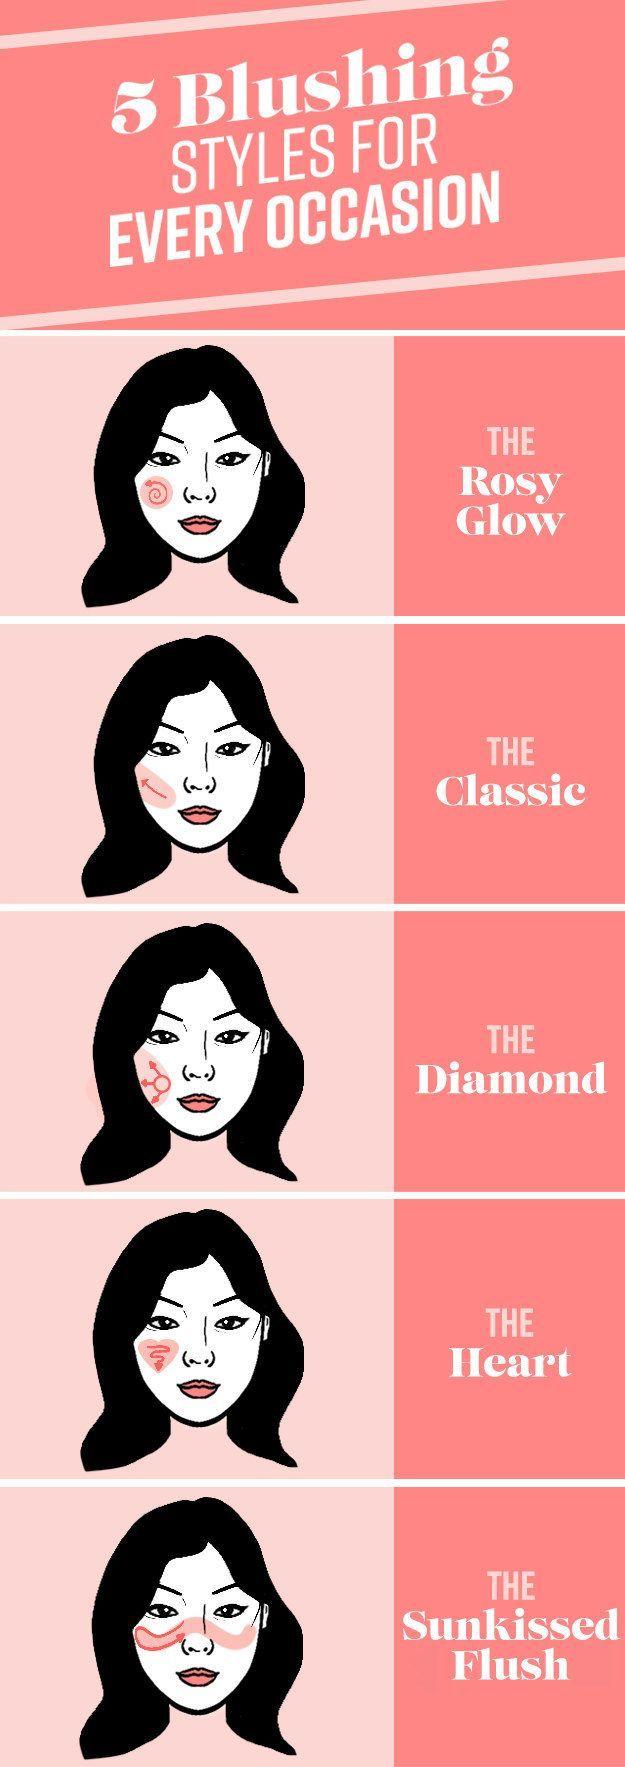 Und wenn alles andere fehlschlägt, probieren Sie einen dieser idiotensicheren Rouge-Looks. #AsianMakeupWed …   – Asian Makeup Wedding